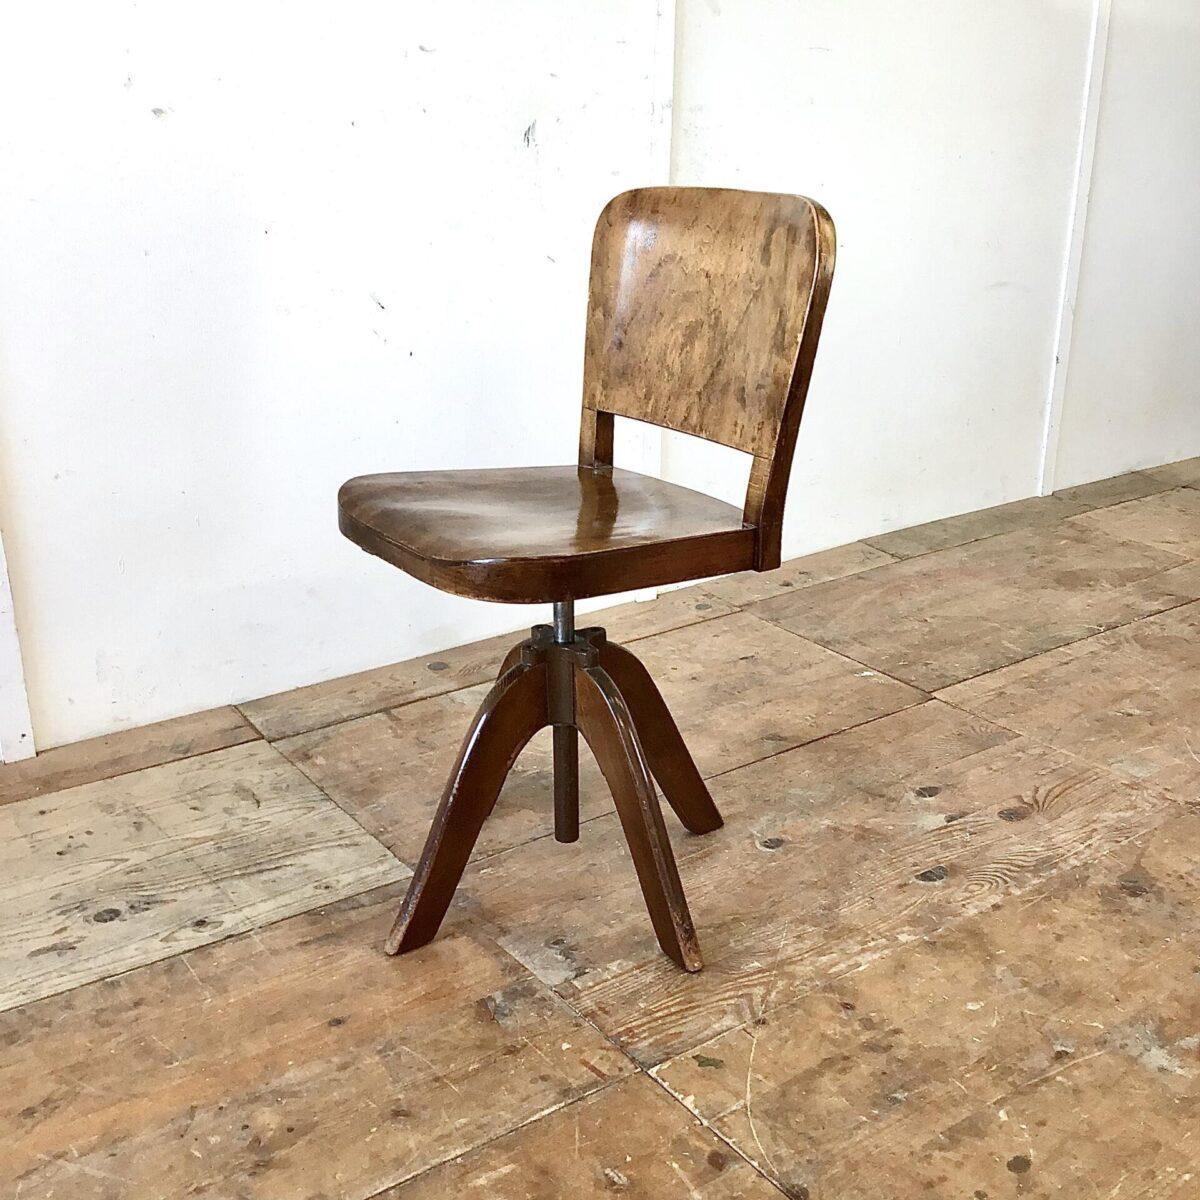 Horgenglaruschair Haefeli Stuhl antik deuxieme.shop Alter horgenglarus Bürostuhl mit der gewölbten Haefeli Sitzfläche und Lehne. Buchenholz dunkel gebeizt und lackiert. Schöner Original Zustand mit Patina und leichten Gebrauchsspuren. Höhenverstellbar von 46-62.5cm. Der Stuhl ist drehbar und sehr ergonomisch geformt.